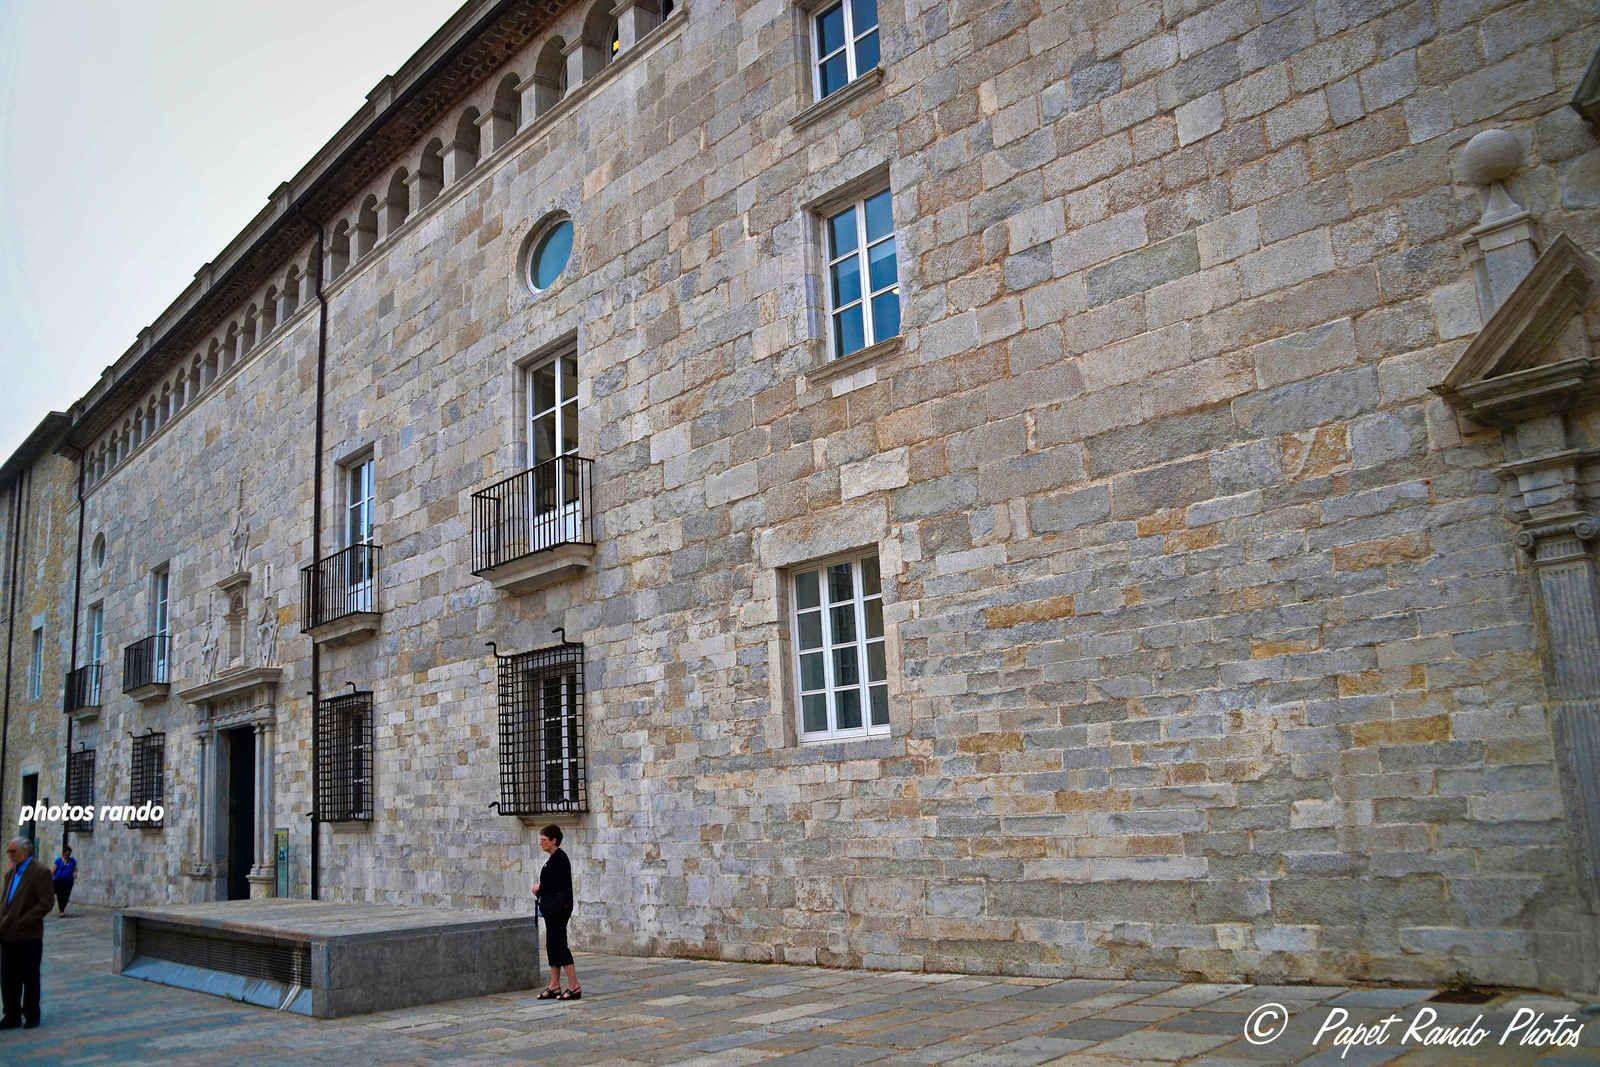 Cité historique de Gerone, une des plus intéressante de Catalogne, permet de parcourir plus de deux mille ans d'histoire : Des fondations Romaine,aux murailles XIVe et XVe siècles